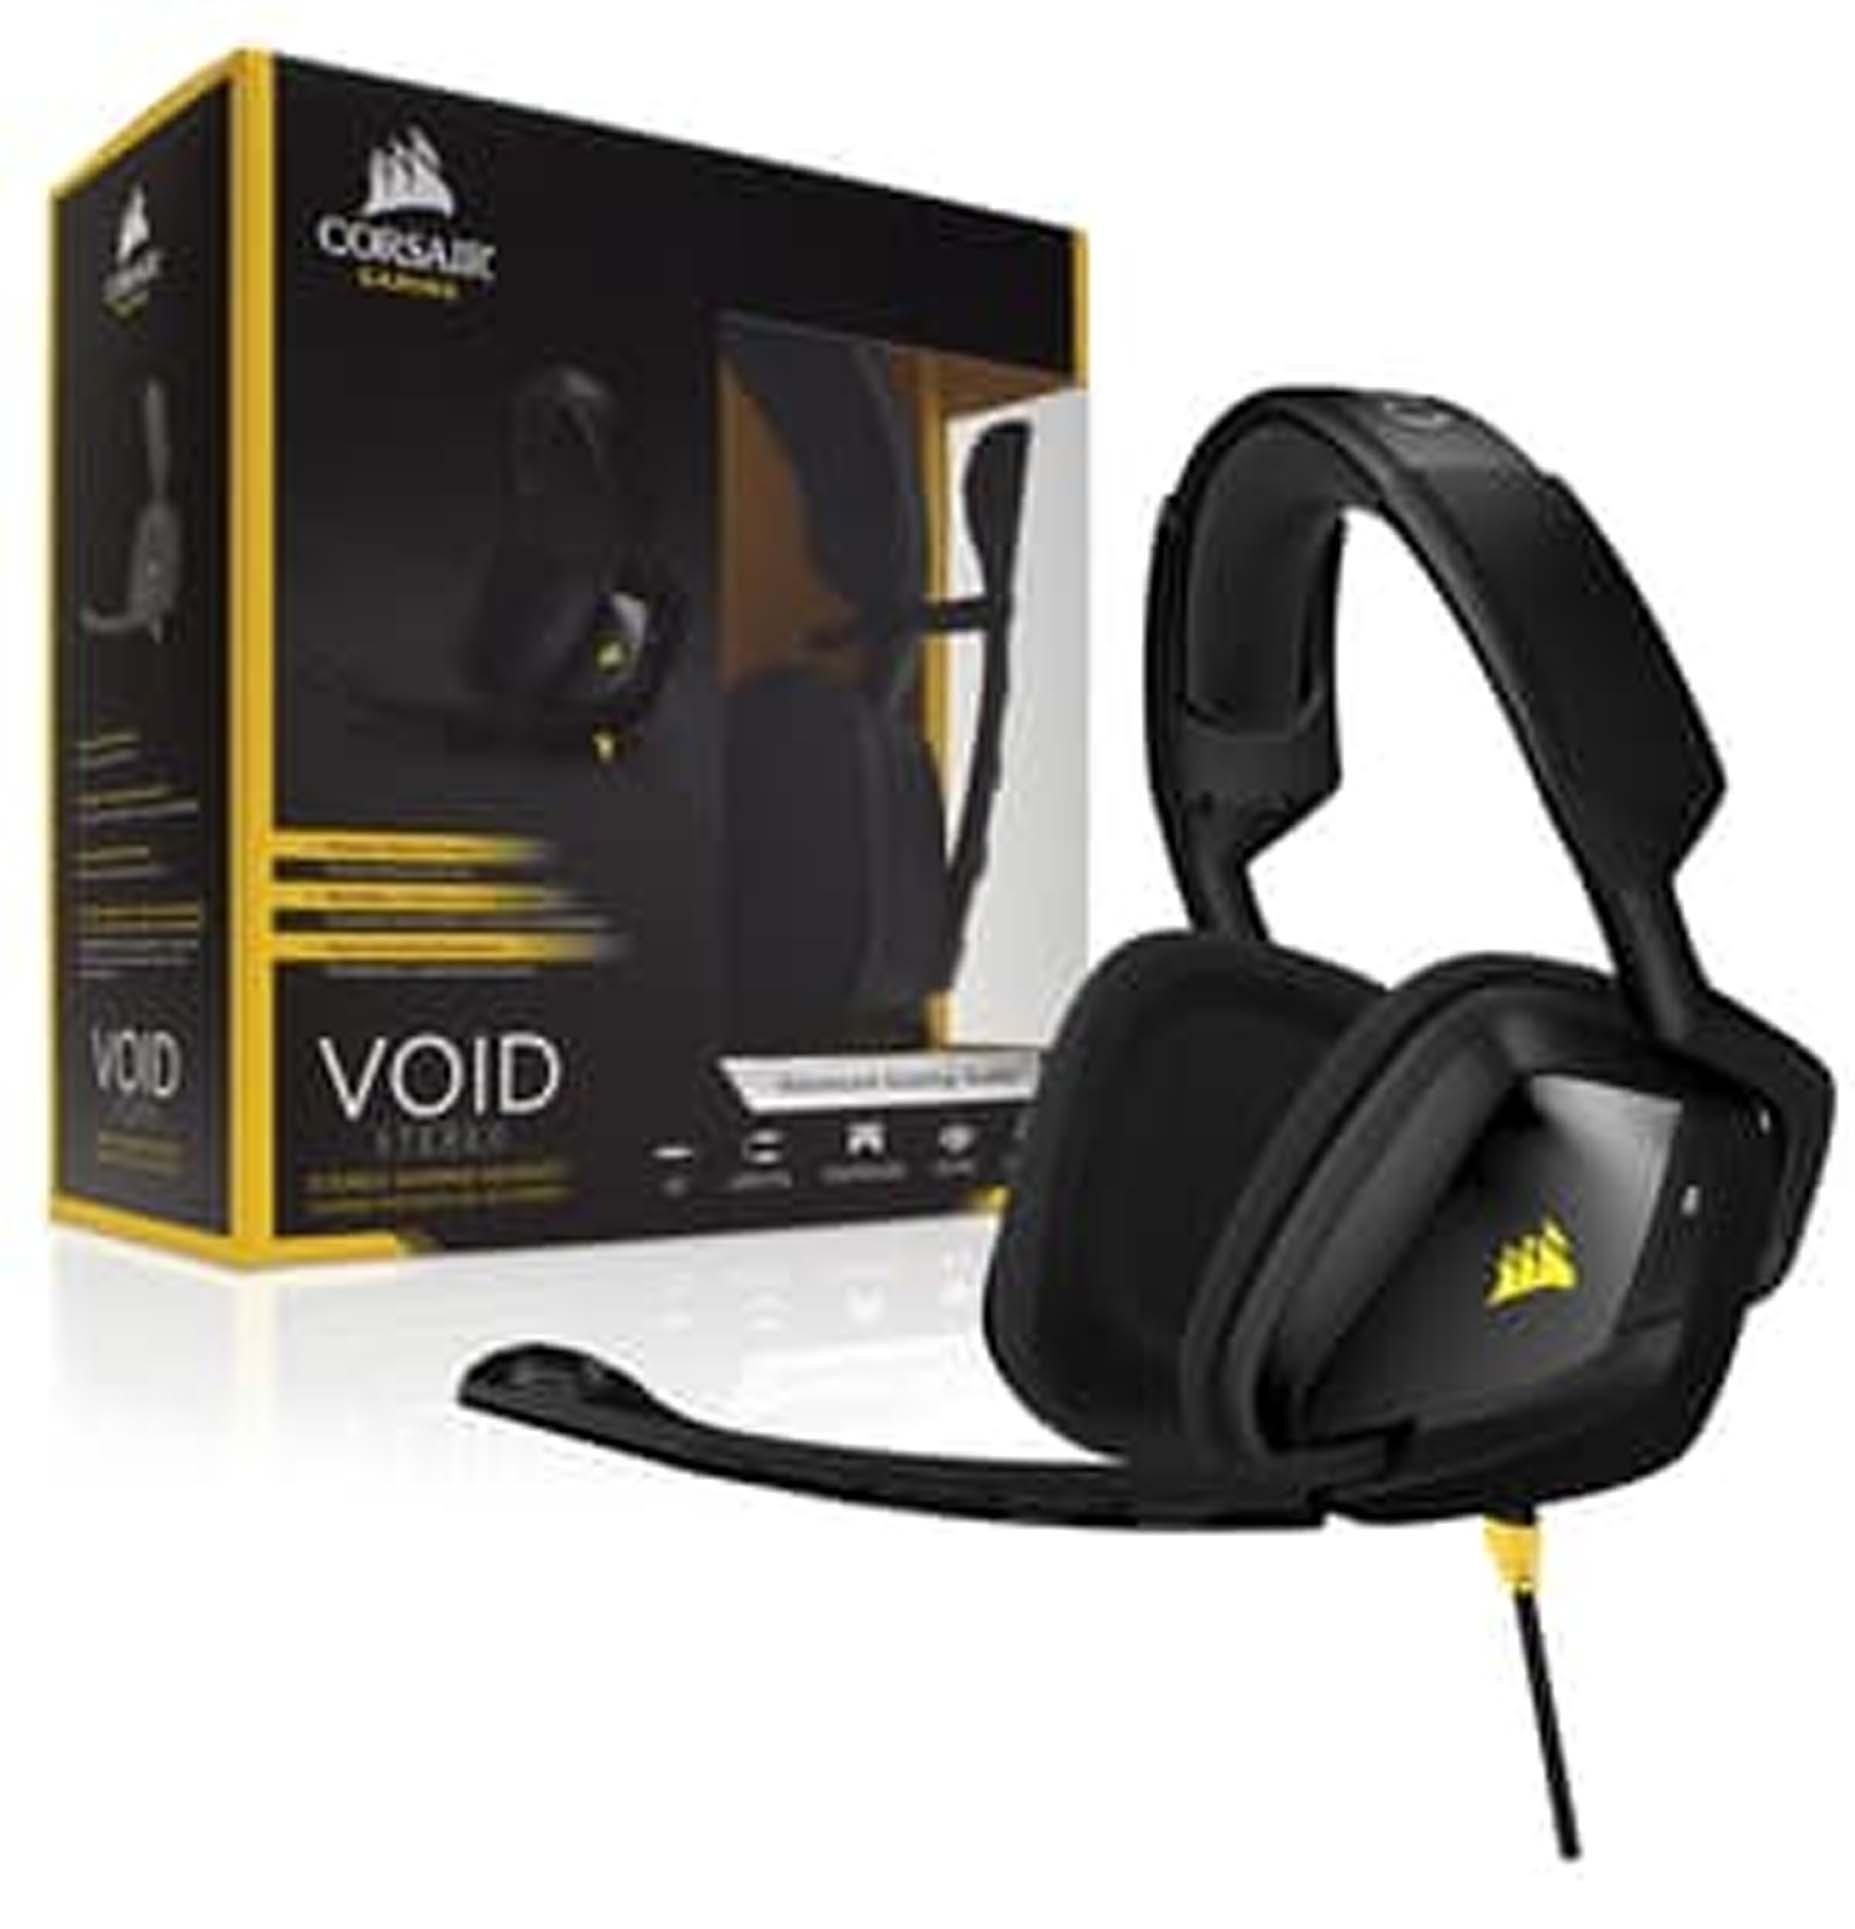 Harga Jual Corsair CA-9011131-AP VOID Stereo Gaming Headset (AP)